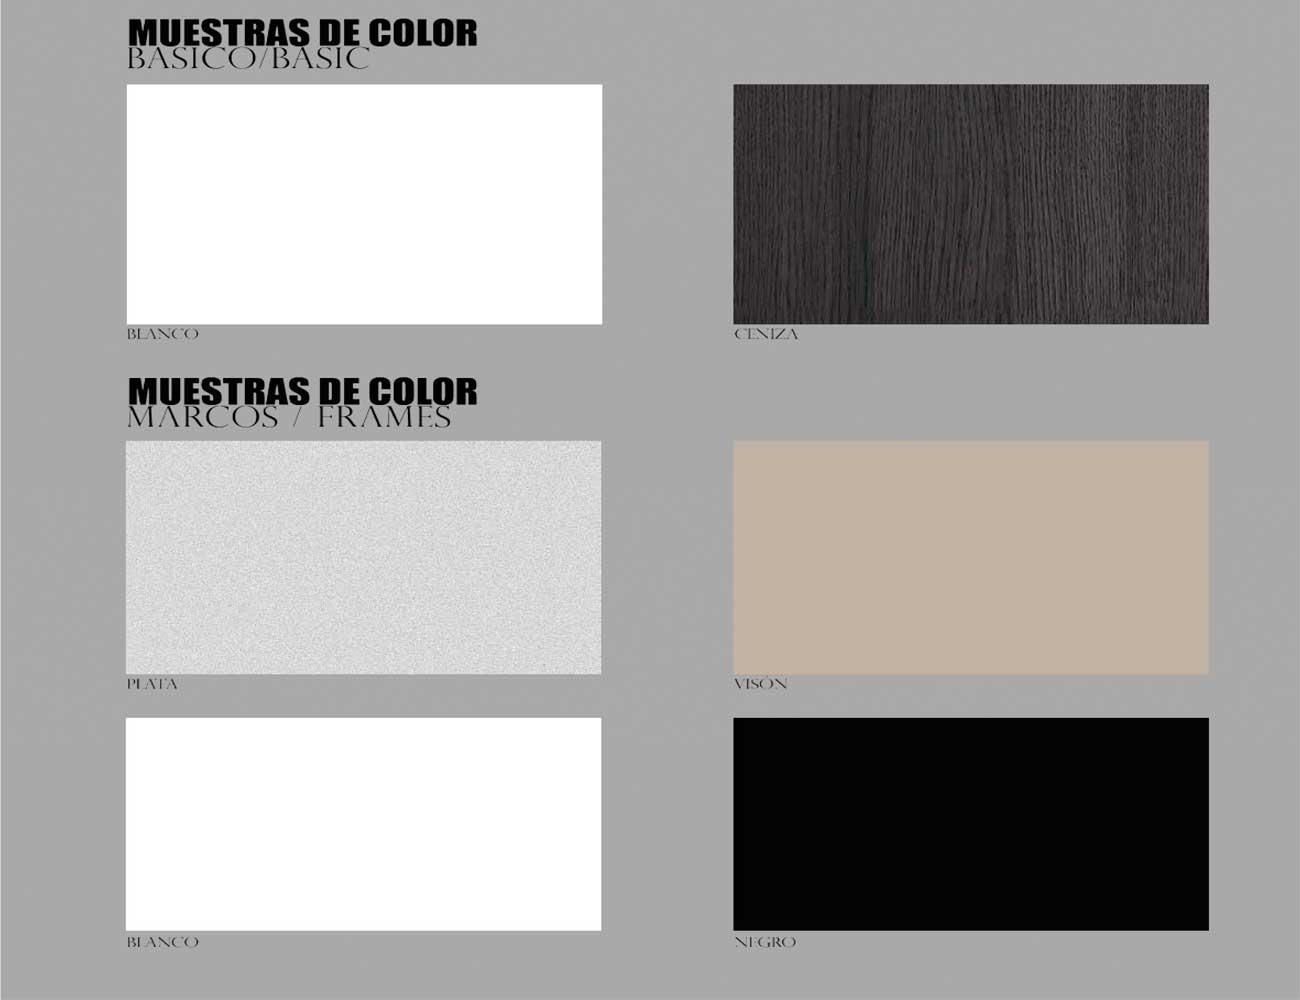 Colores tecnico2